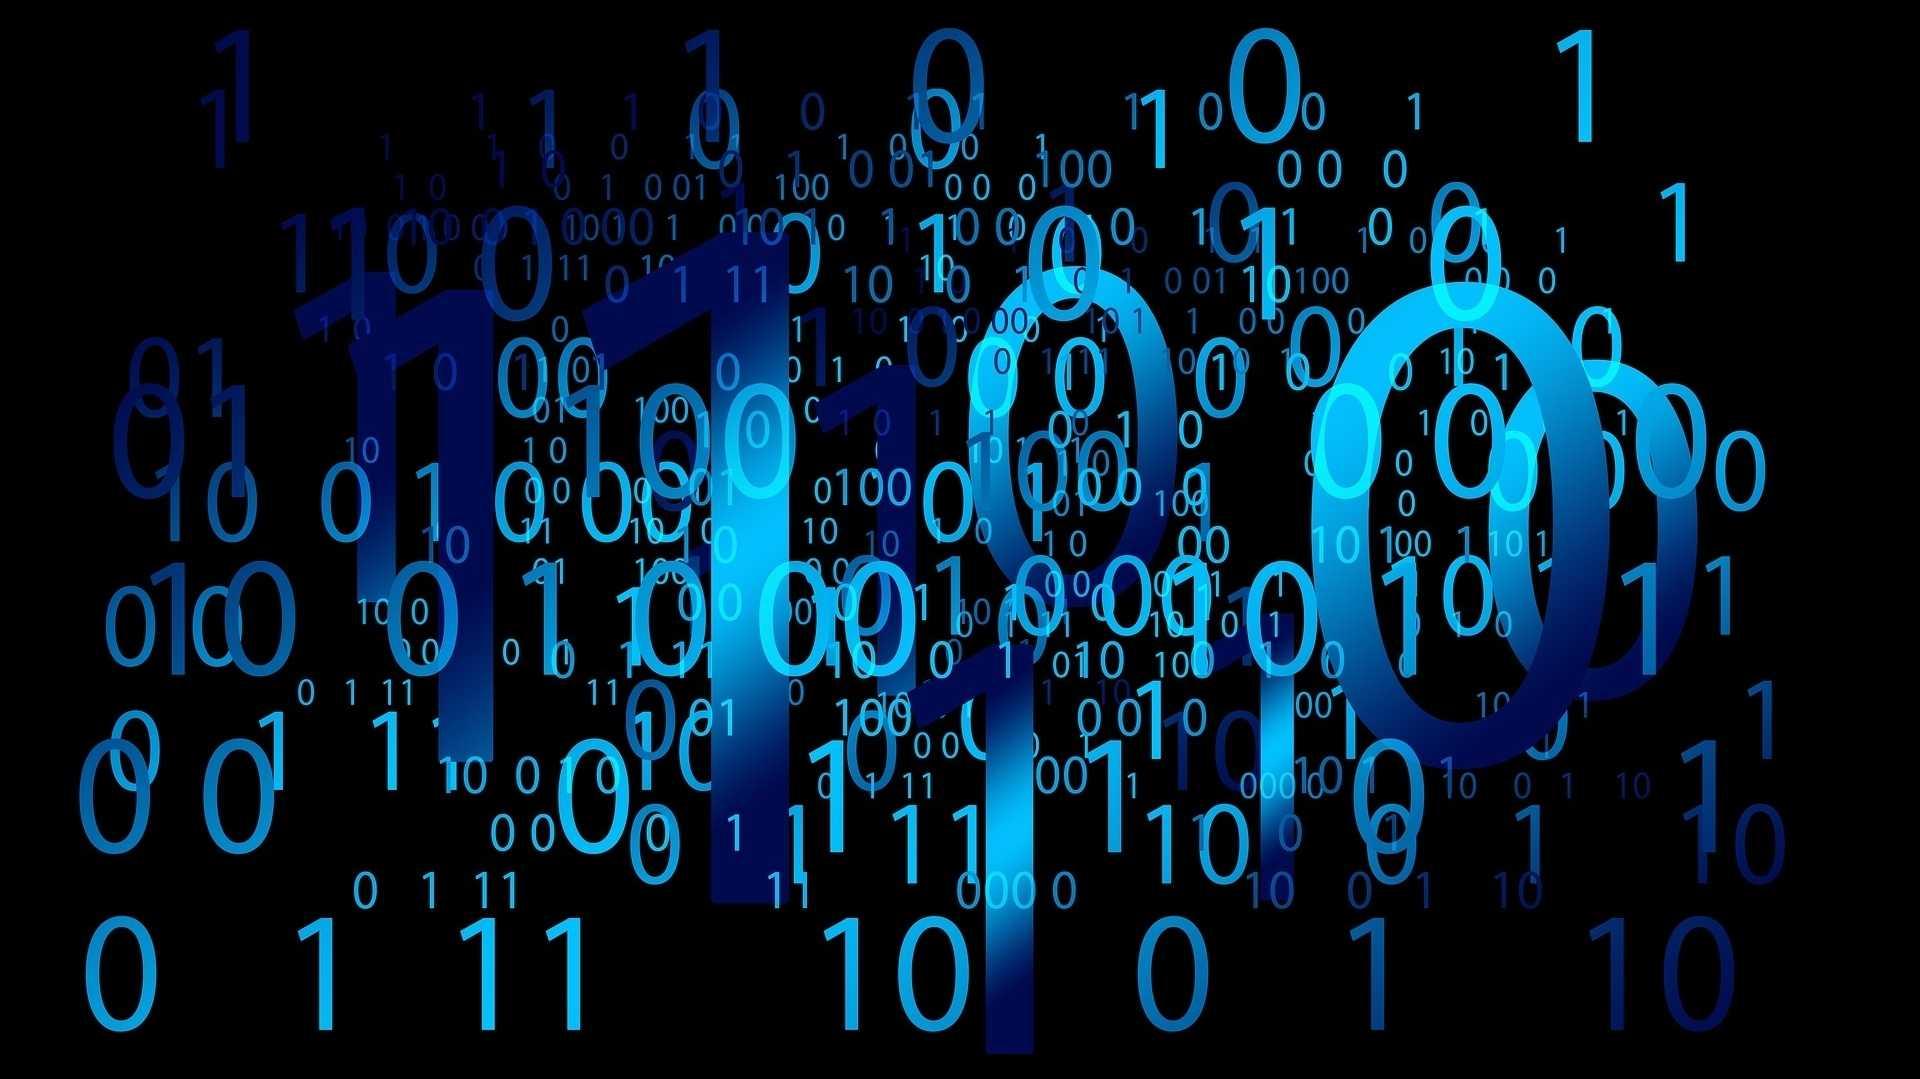 Datenbank: ScyllaDB Version 3.0 positioniert sich als Alternative zu Cassandra